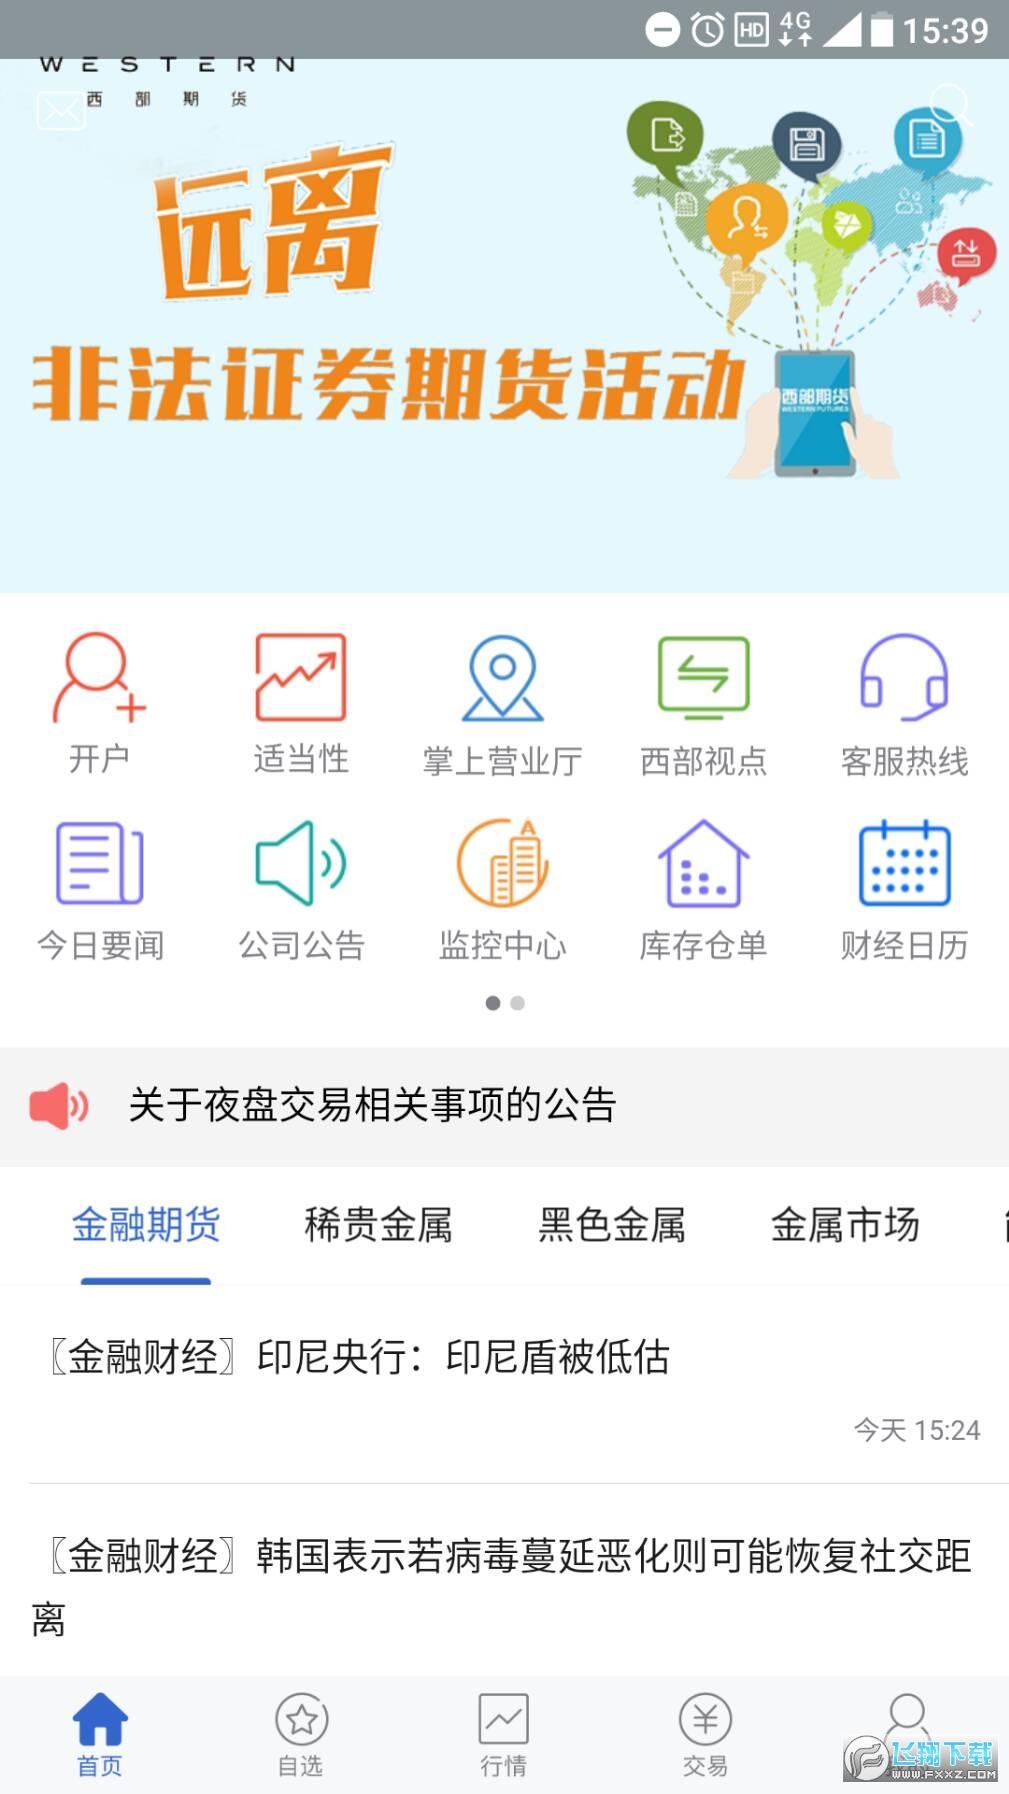 西部期货app官方版5.3.5.0最新版截图0